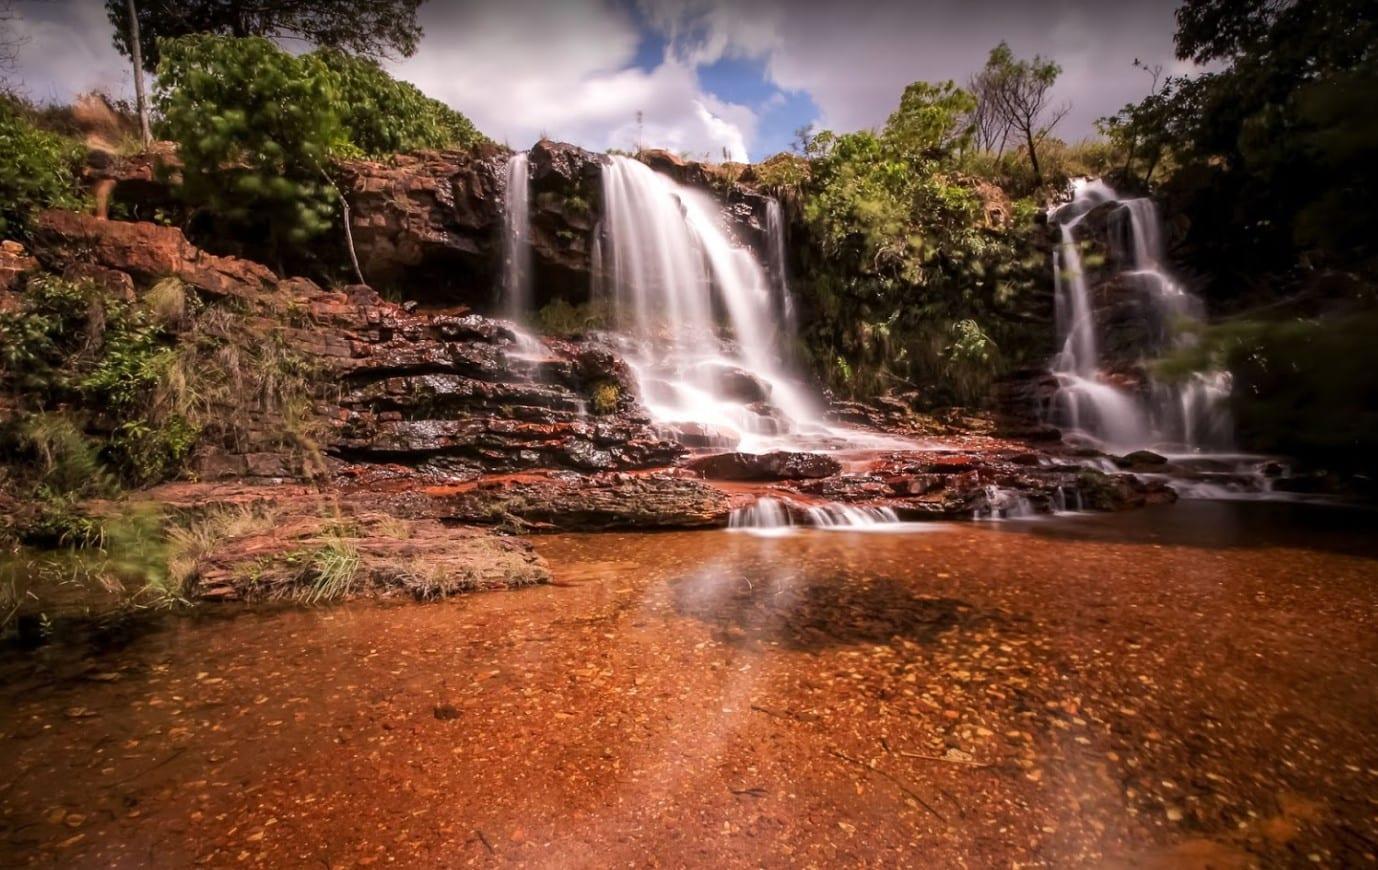 cachoeiras perto de Brasília